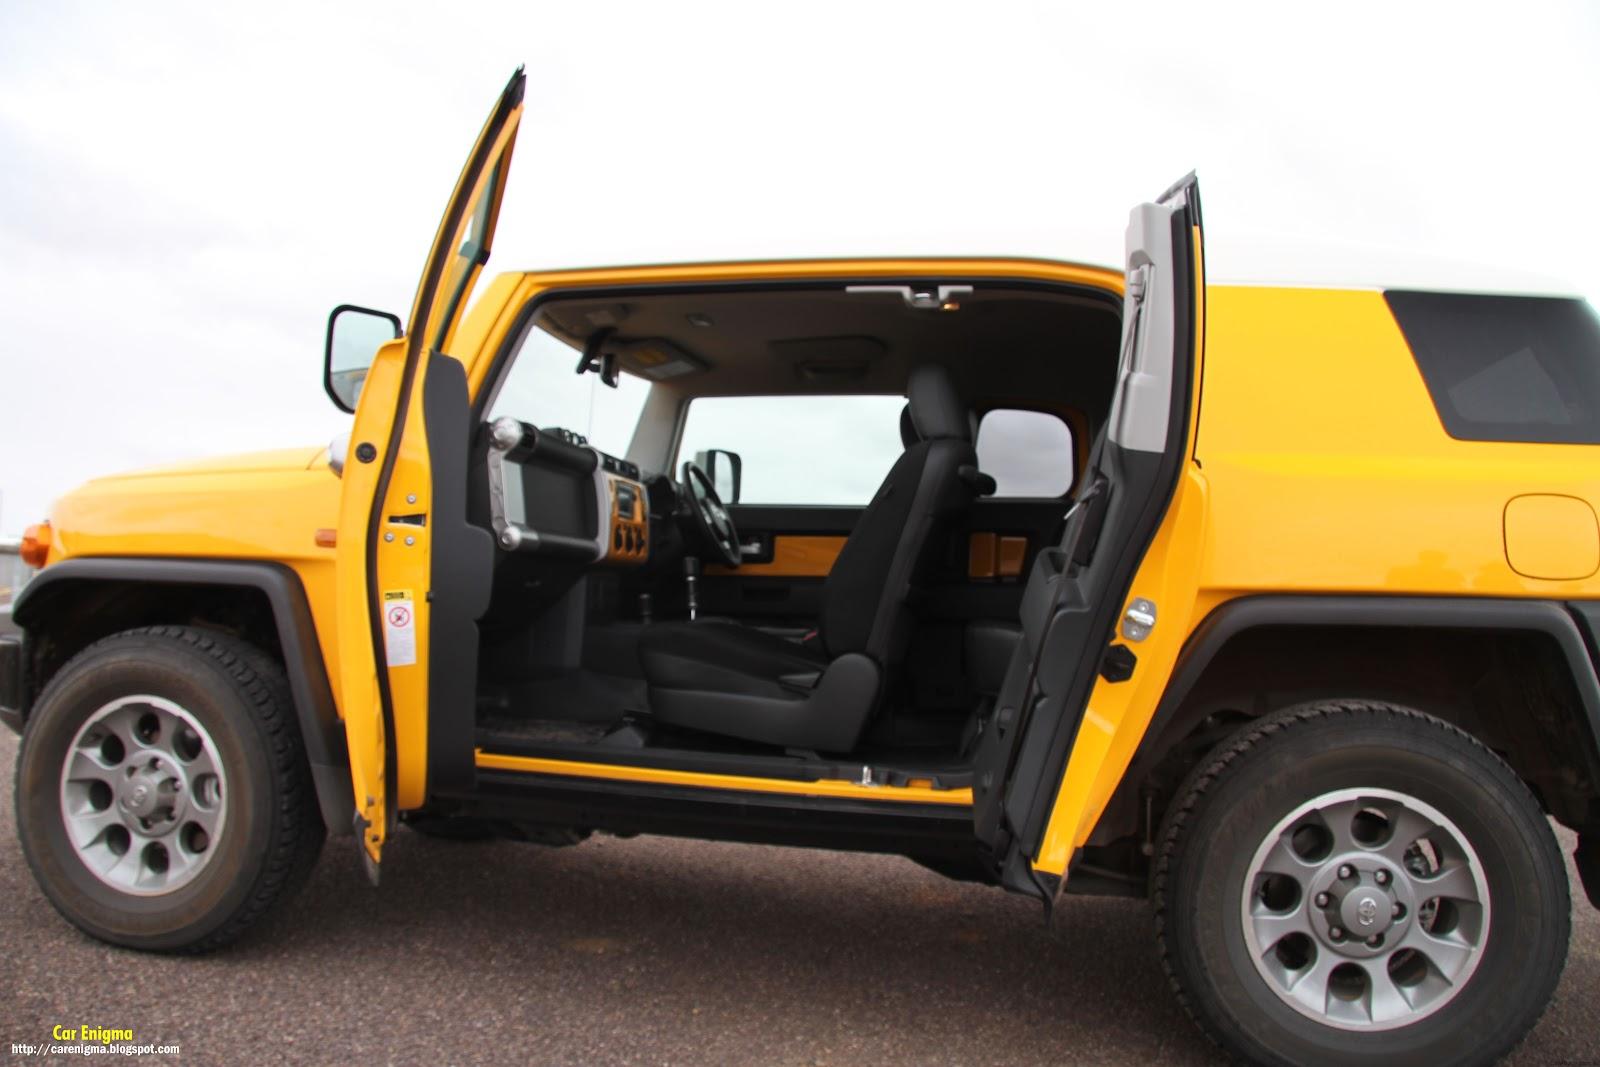 http://4.bp.blogspot.com/-2_JB8GsRDmo/T2bxtPwxhUI/AAAAAAAAAvg/J2q0XT_8MqU/s1600/FJ_Side-Yellow_Open-Door.jpg